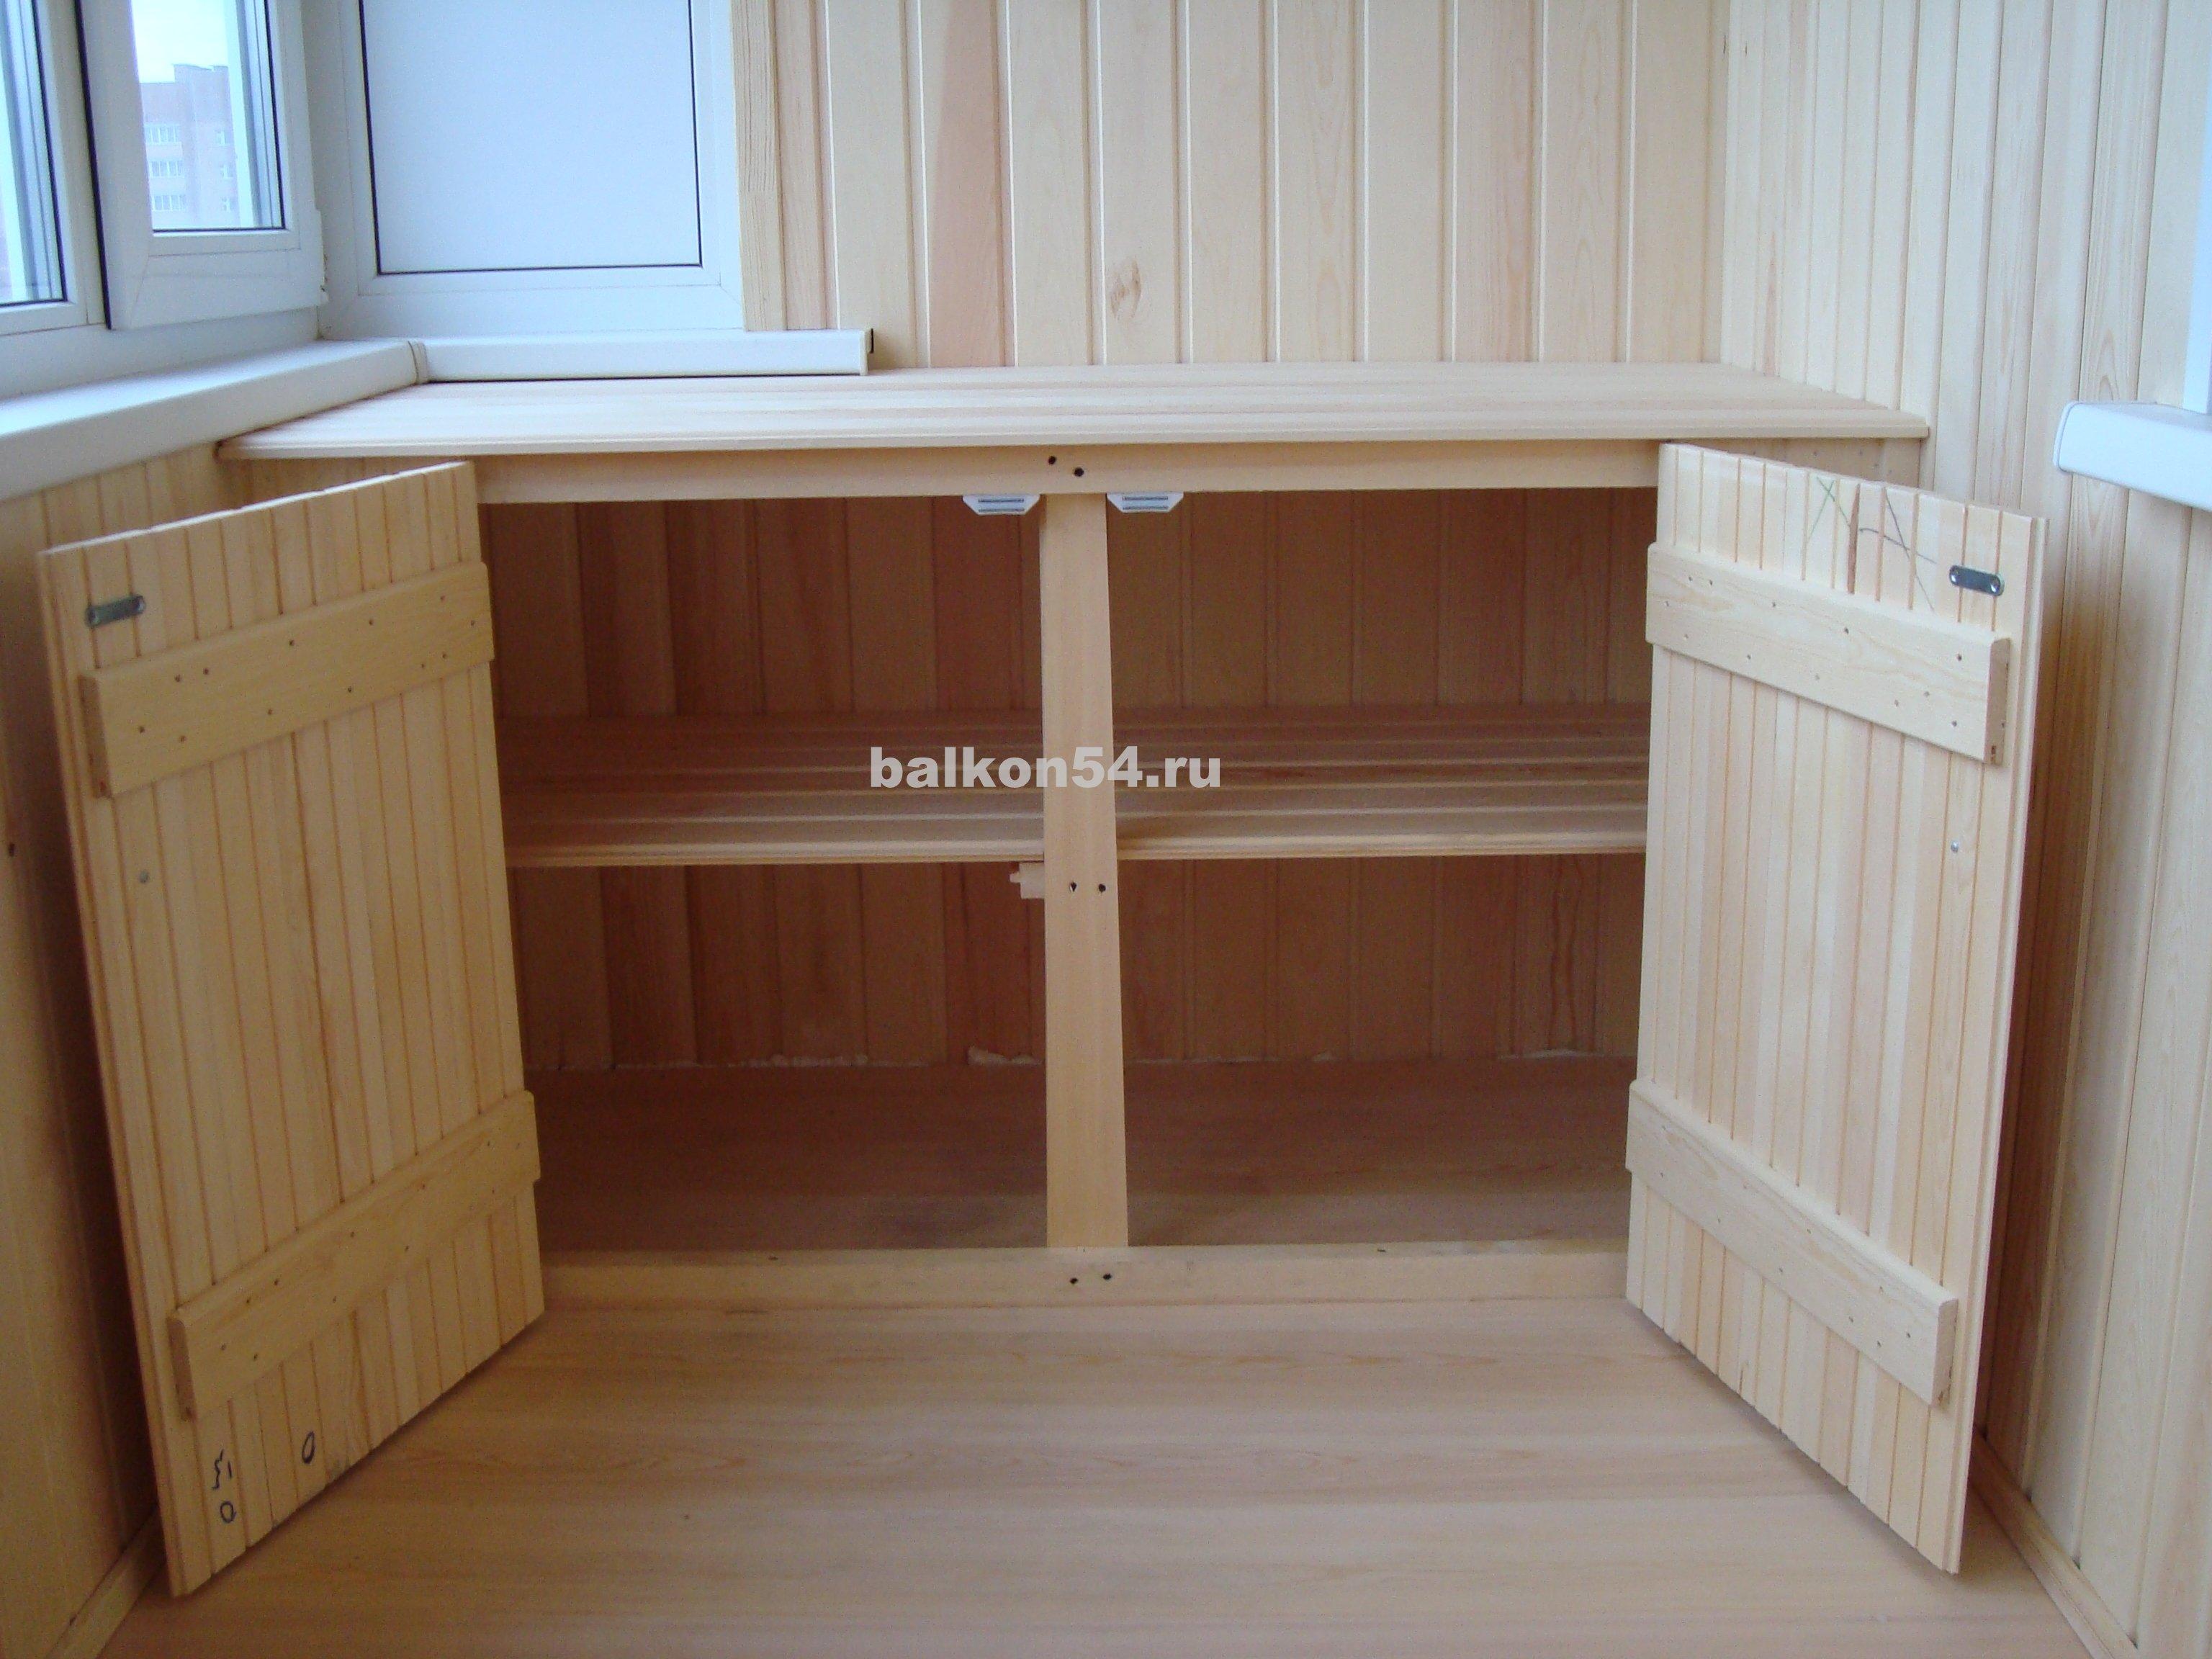 Своими руками балкон блок хаус